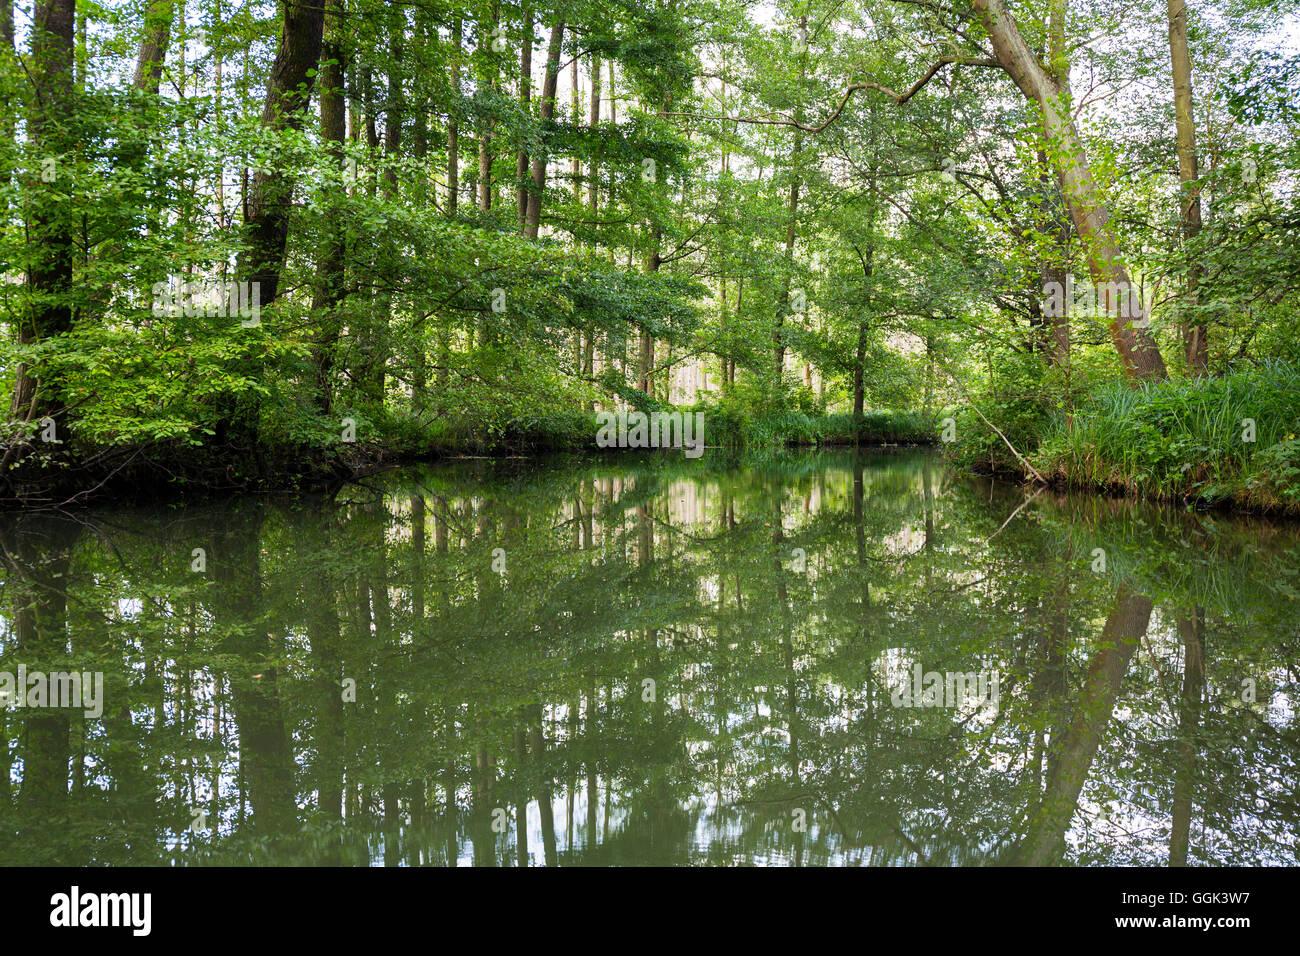 Fluss fließt durch den Spreewald, UNESCO Biosphären Reservat, Lübbenau, Brandenburg, Deutschland Stockbild